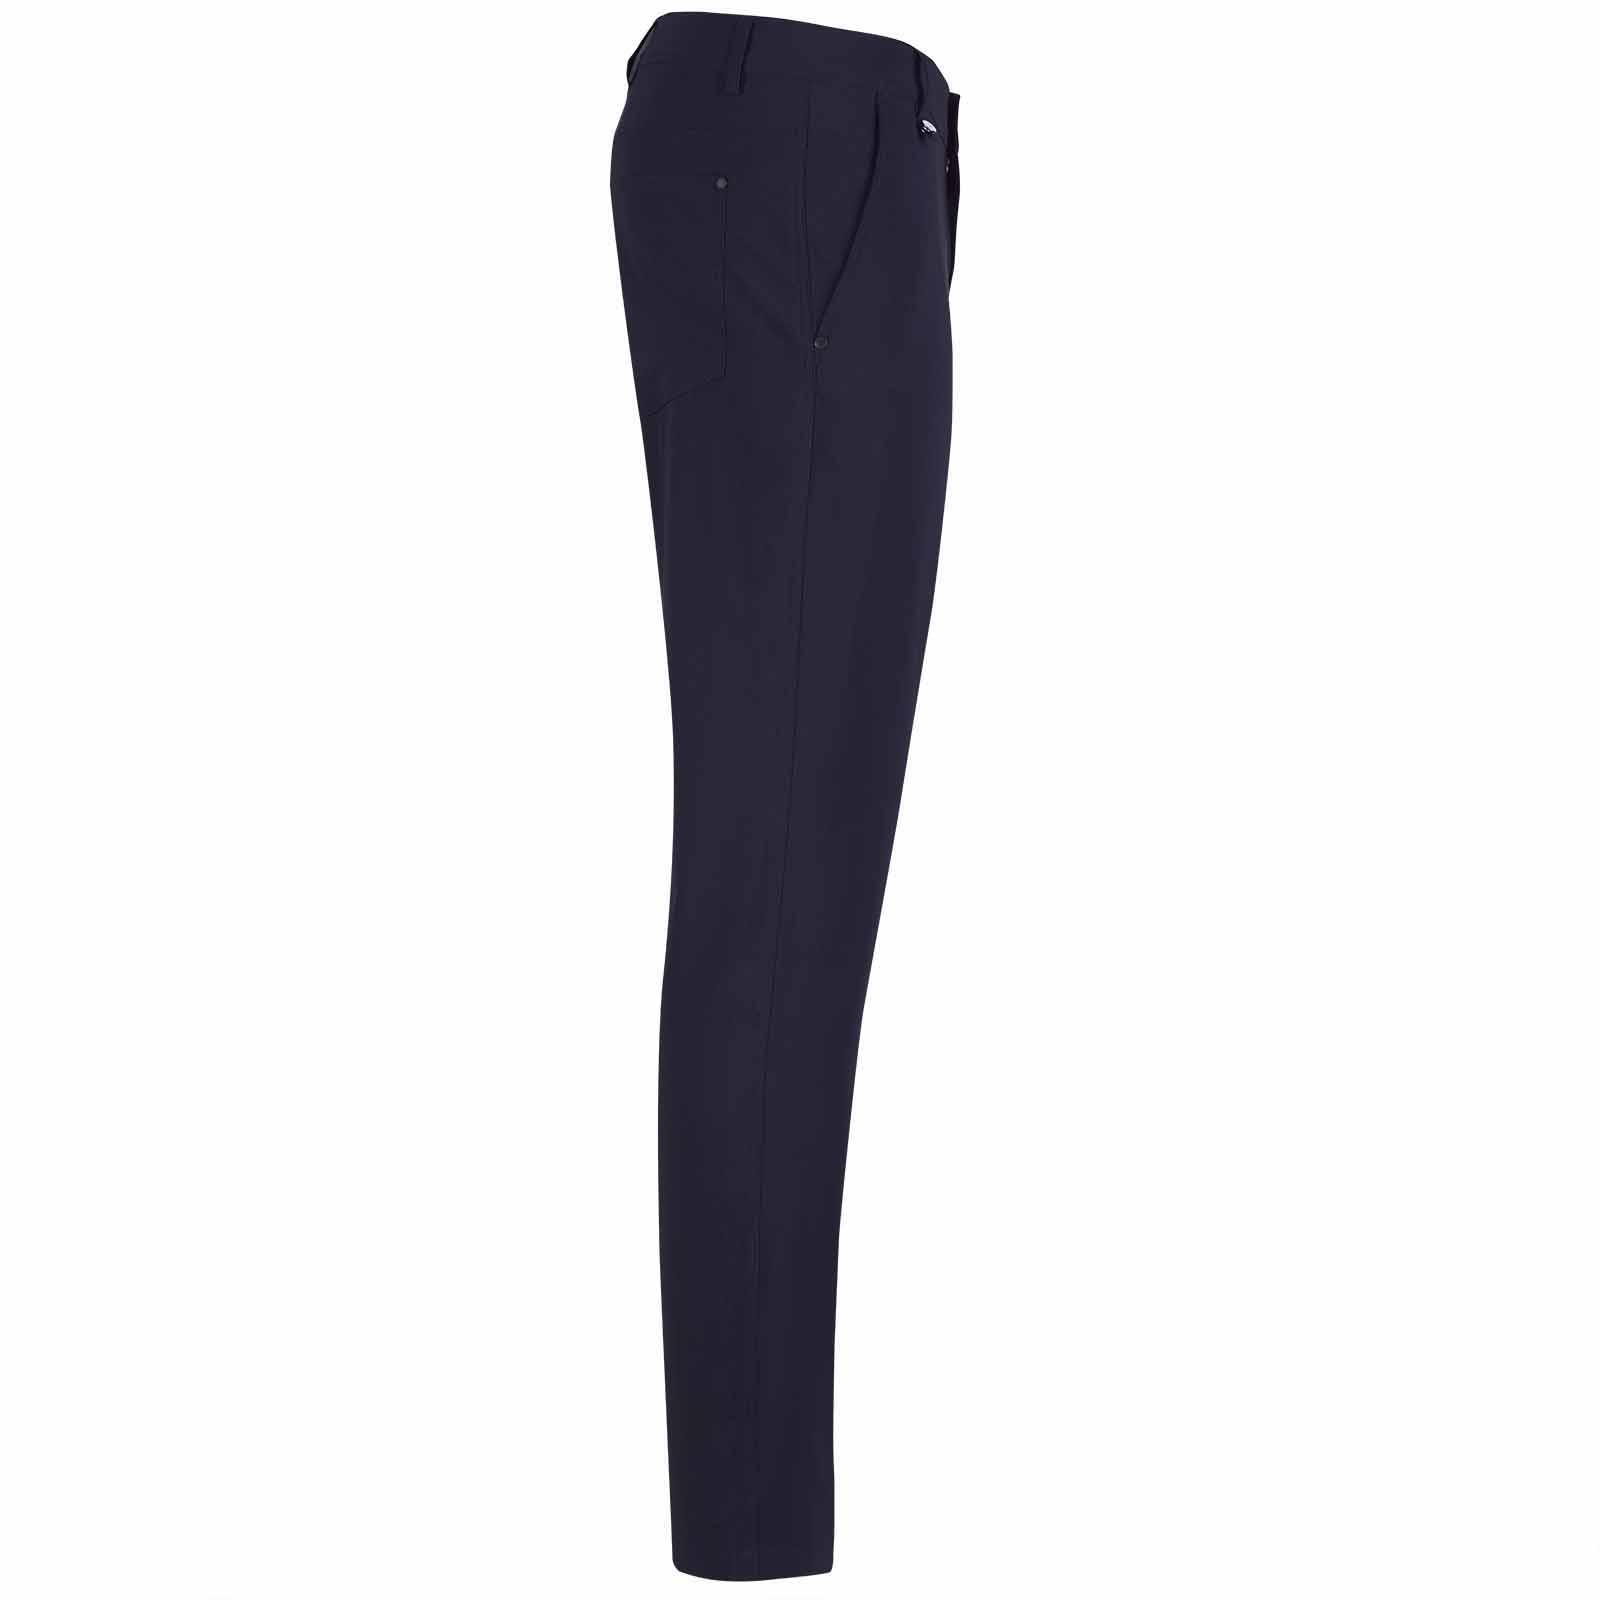 Herren Golfhose wasserabweisend mit Stretch Komfort in Extra Slim Fit